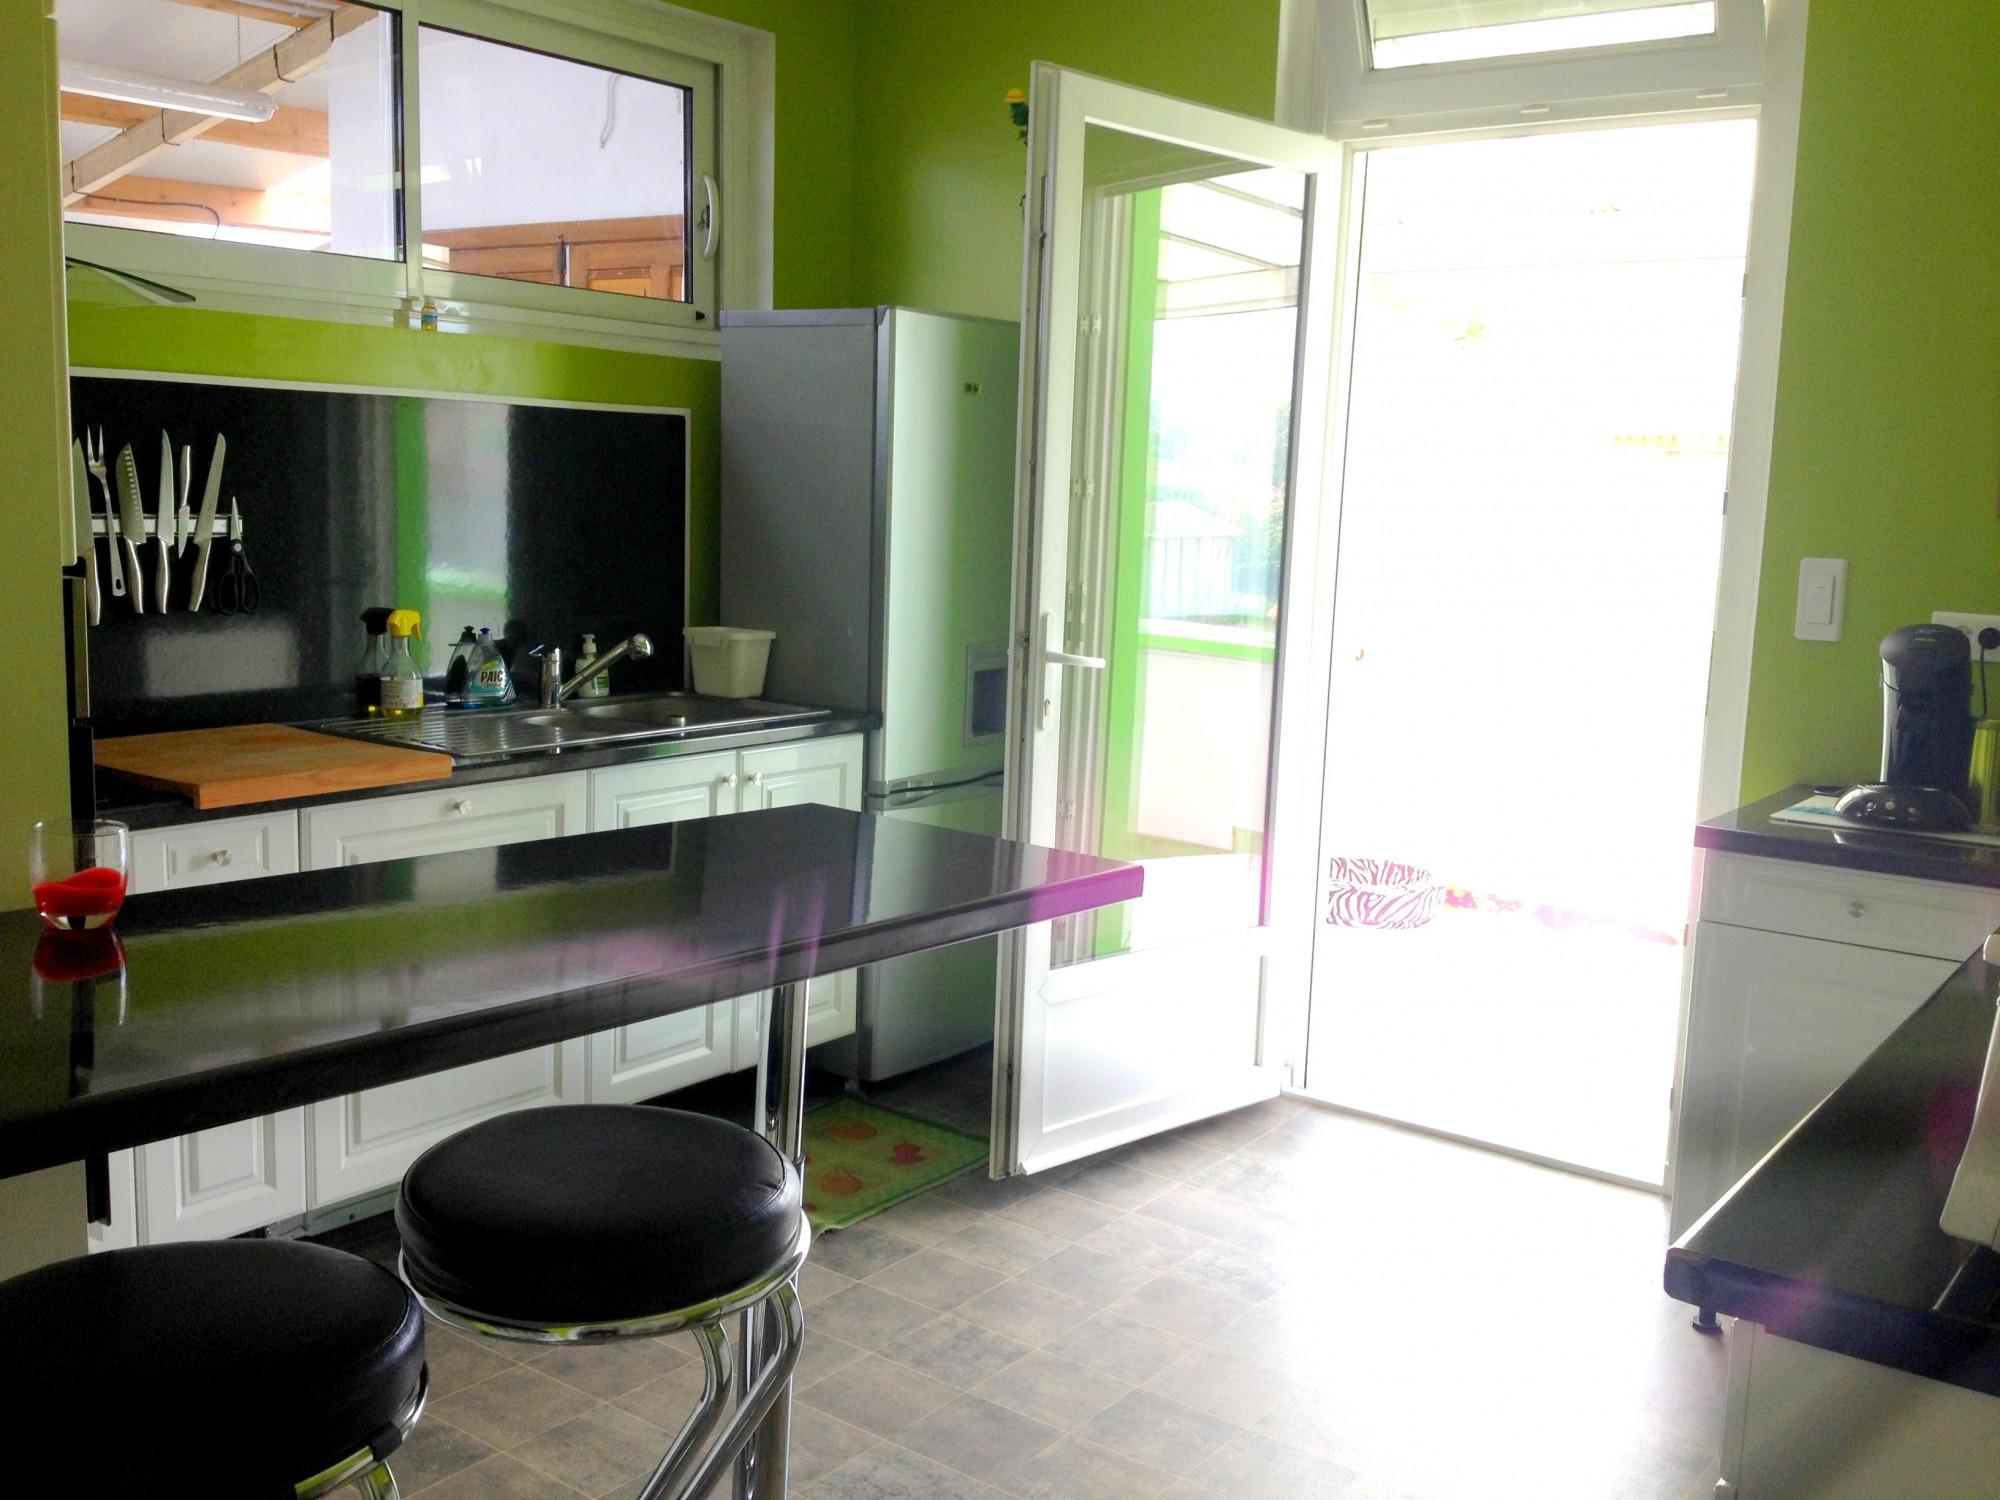 ventes maison t5 f5 proche rolleville 76133 achat et location maison campagne normandie. Black Bedroom Furniture Sets. Home Design Ideas